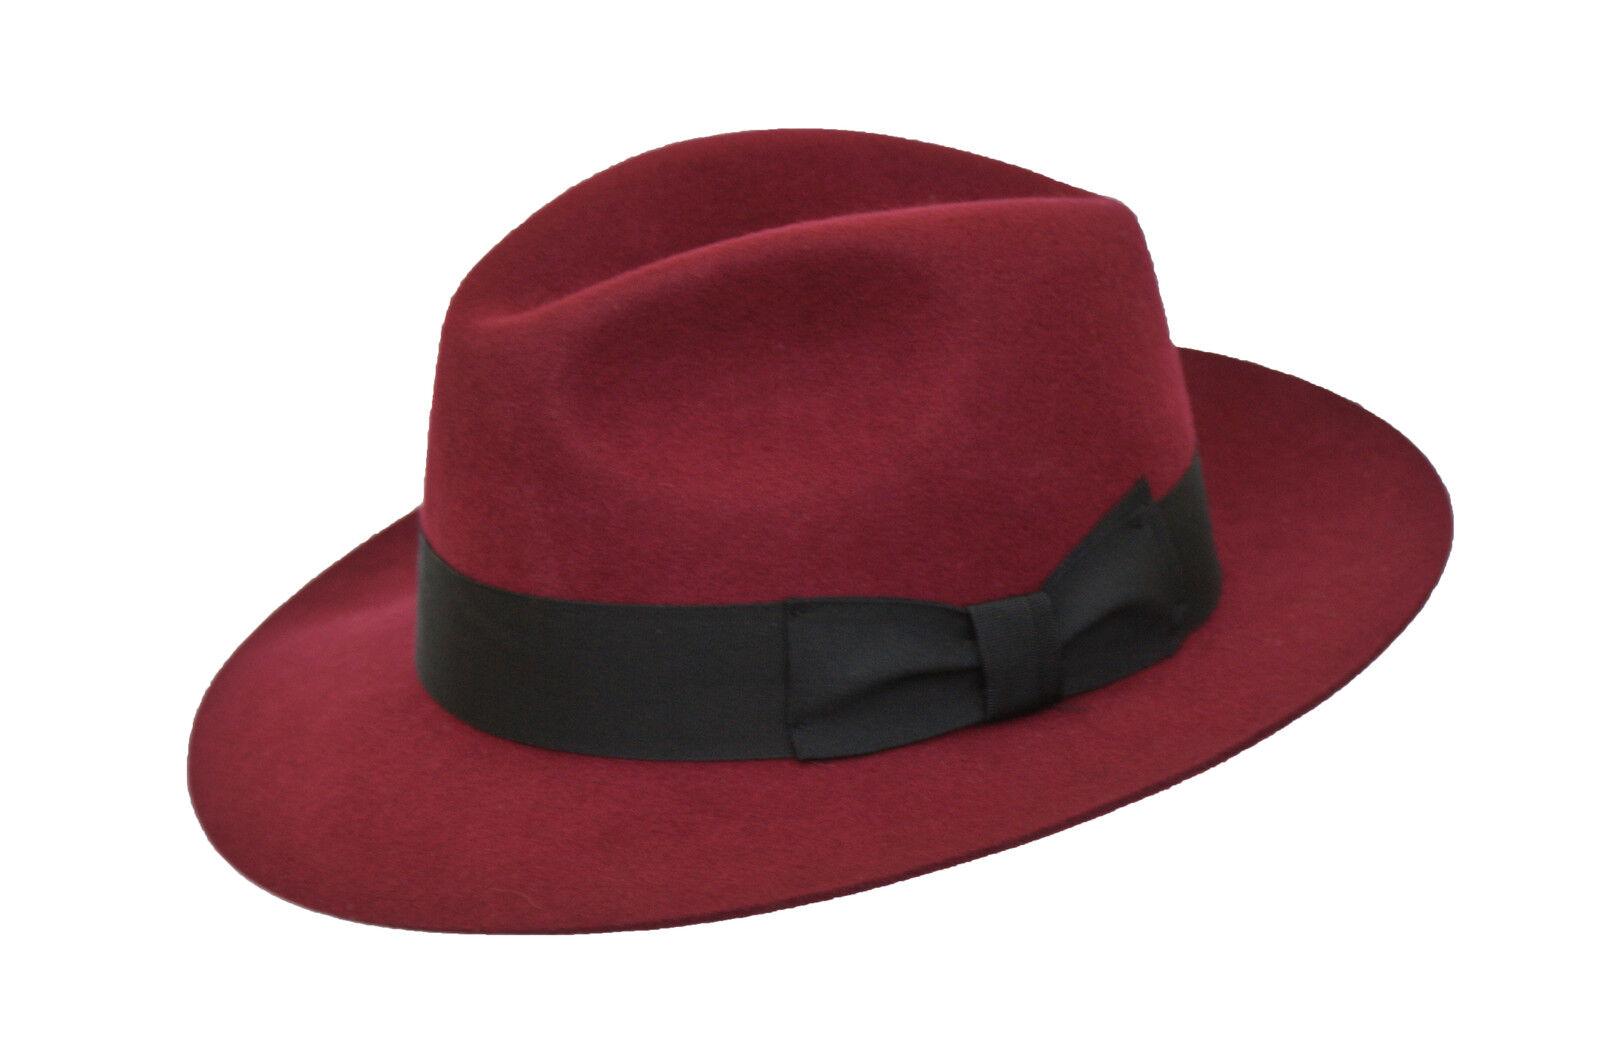 a4972a129747 Detalles de Hombre Granate 100% Lana Hecho a Mano Ancho Borde Fieltro  Sombrero de Gorro con